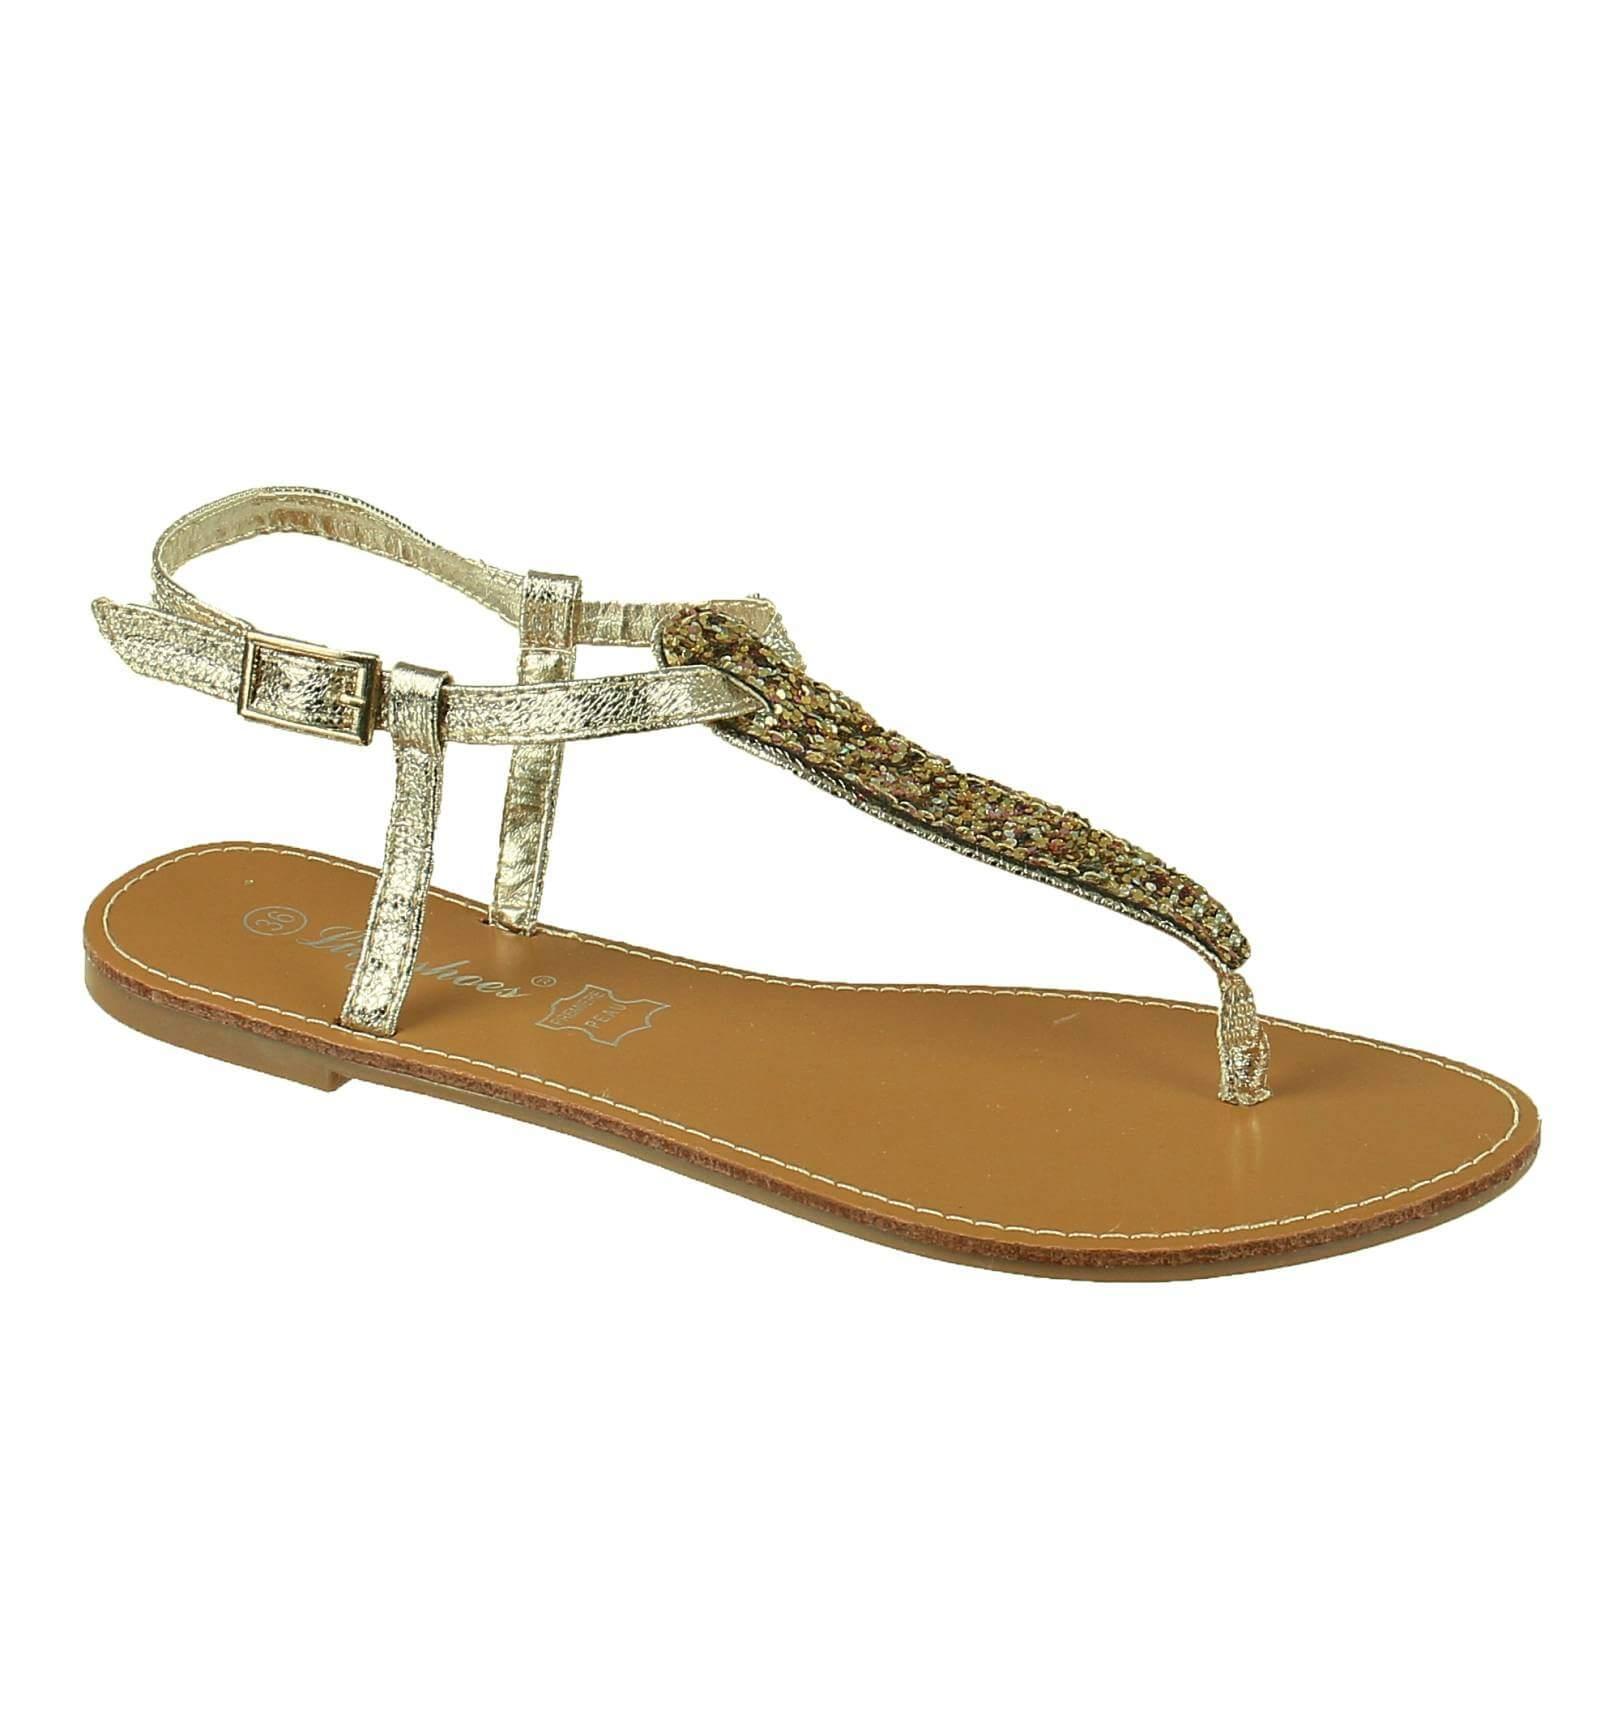 la sandale femme plate en simili cuir dor verni. Black Bedroom Furniture Sets. Home Design Ideas